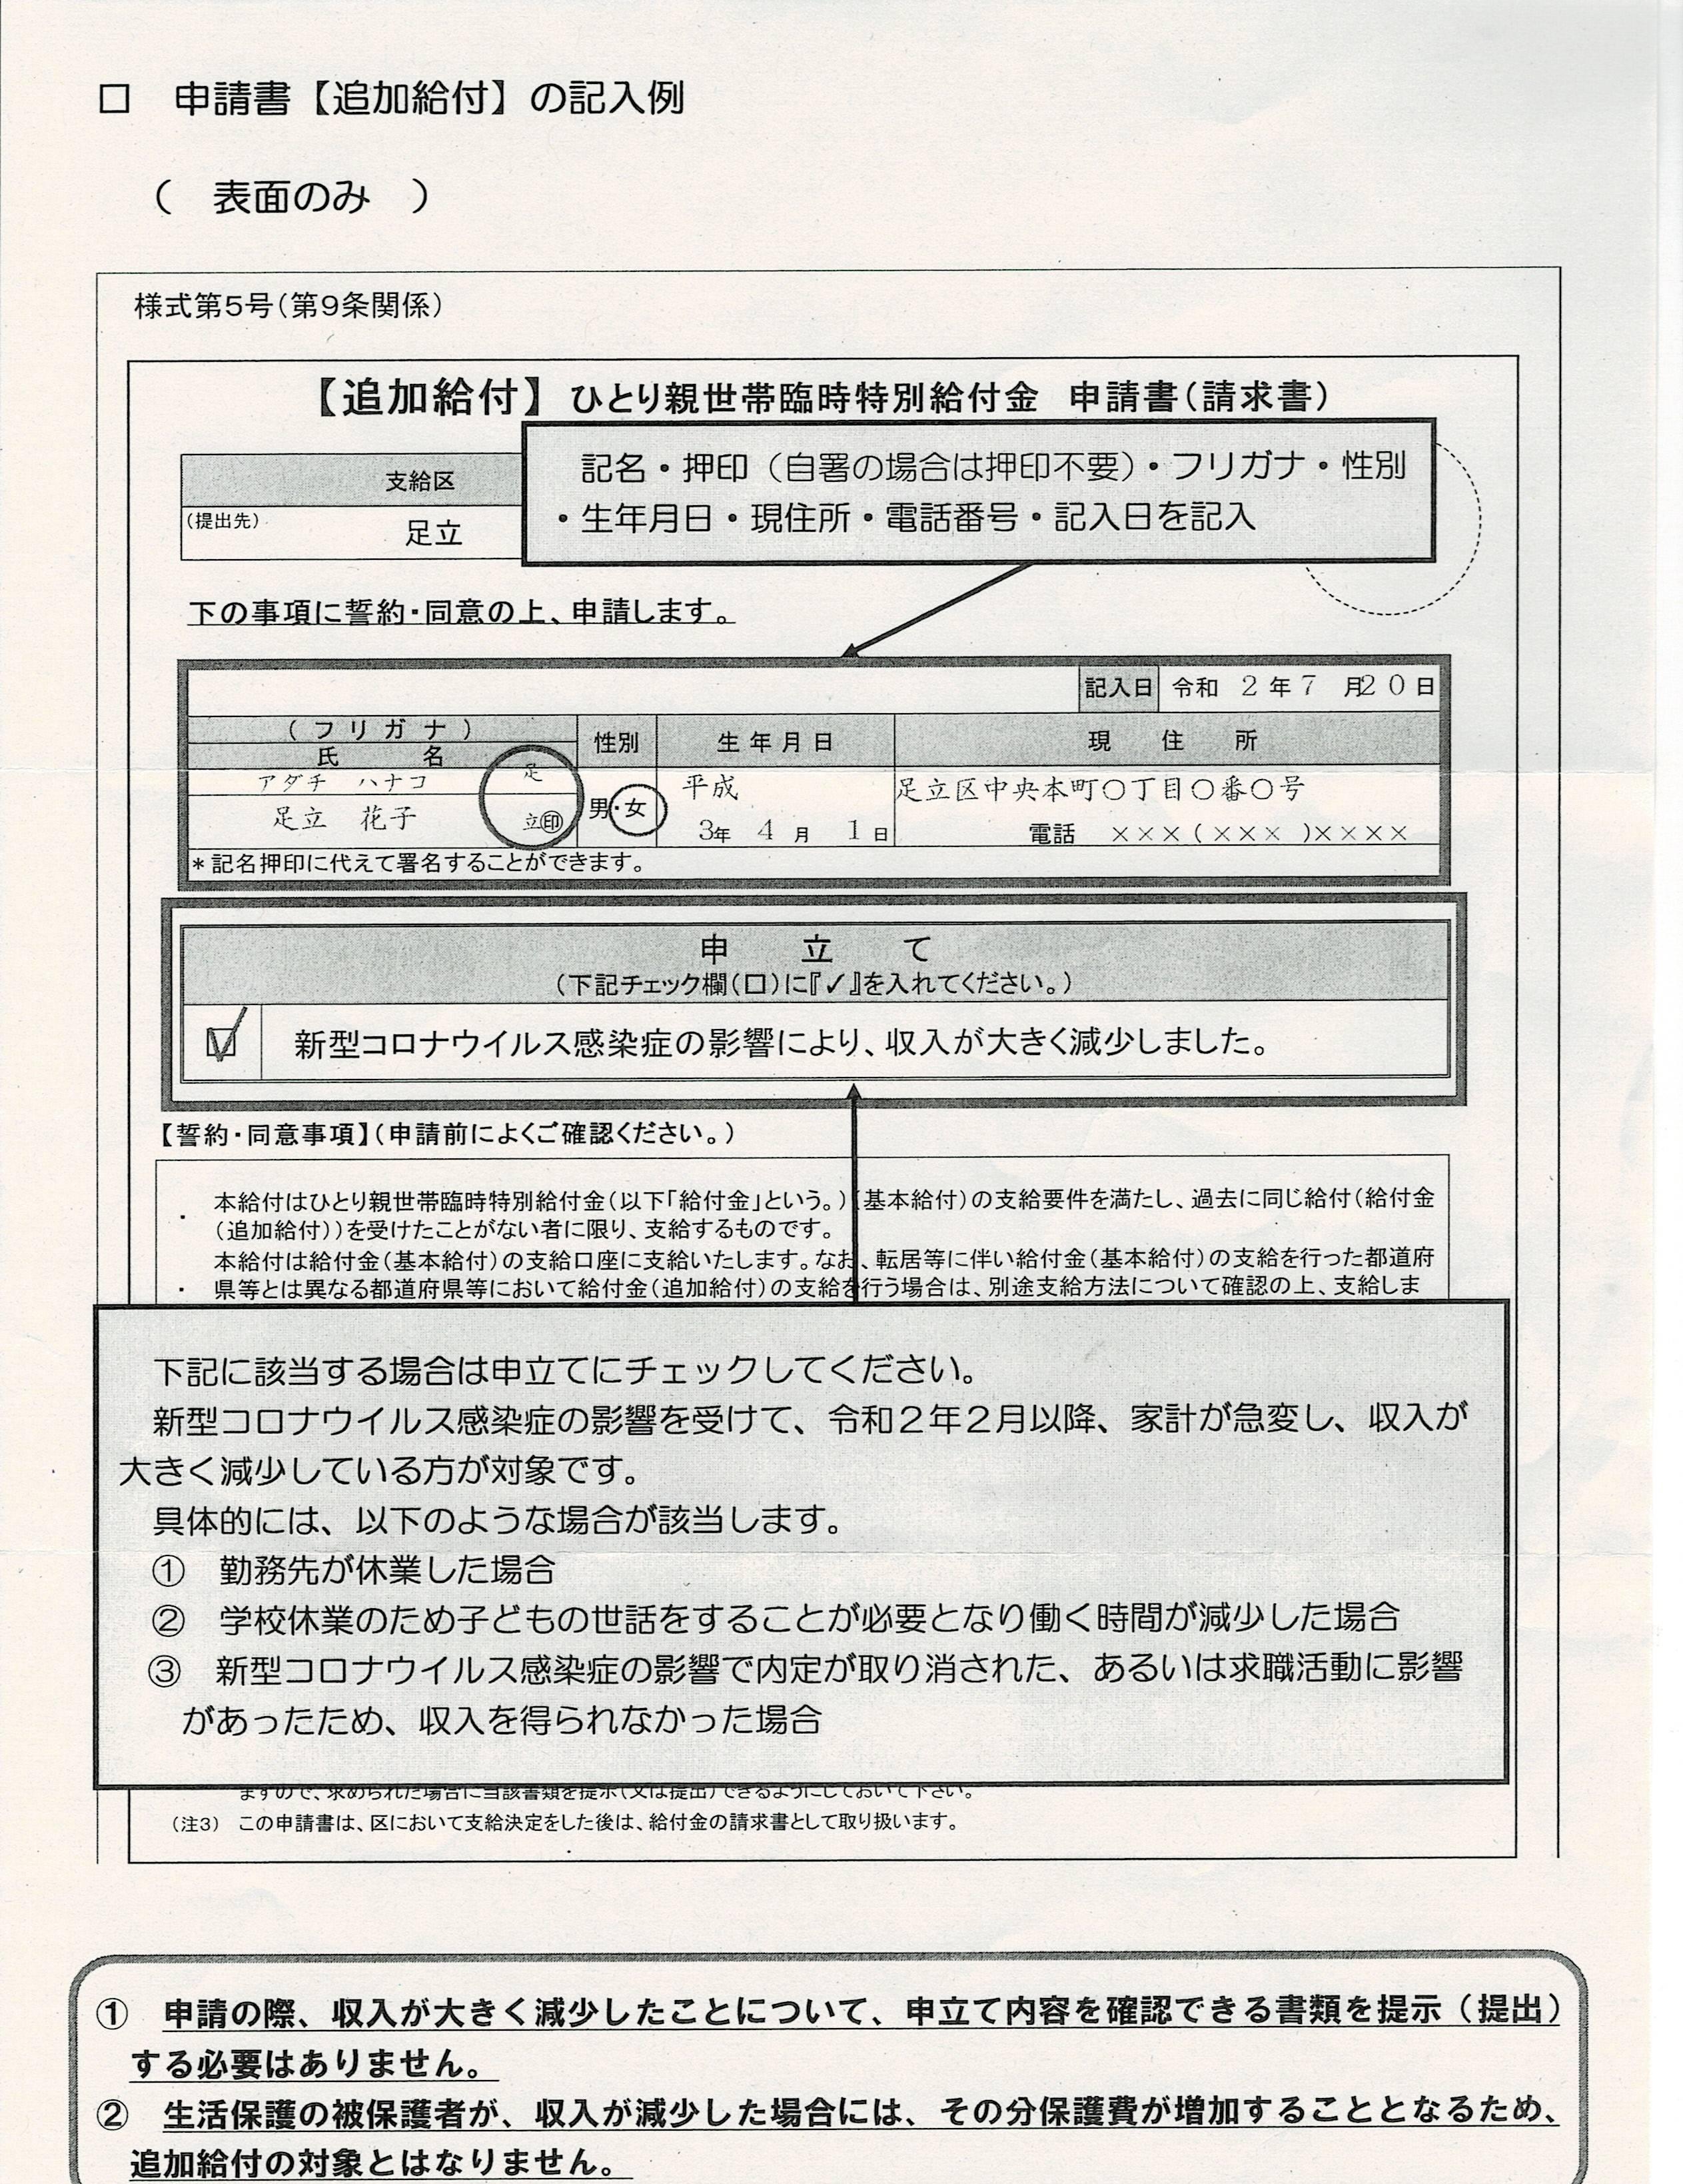 金 必要 書類 特別 給付 給付金の申請時の本人確認書類について質問です。本人確認書類として